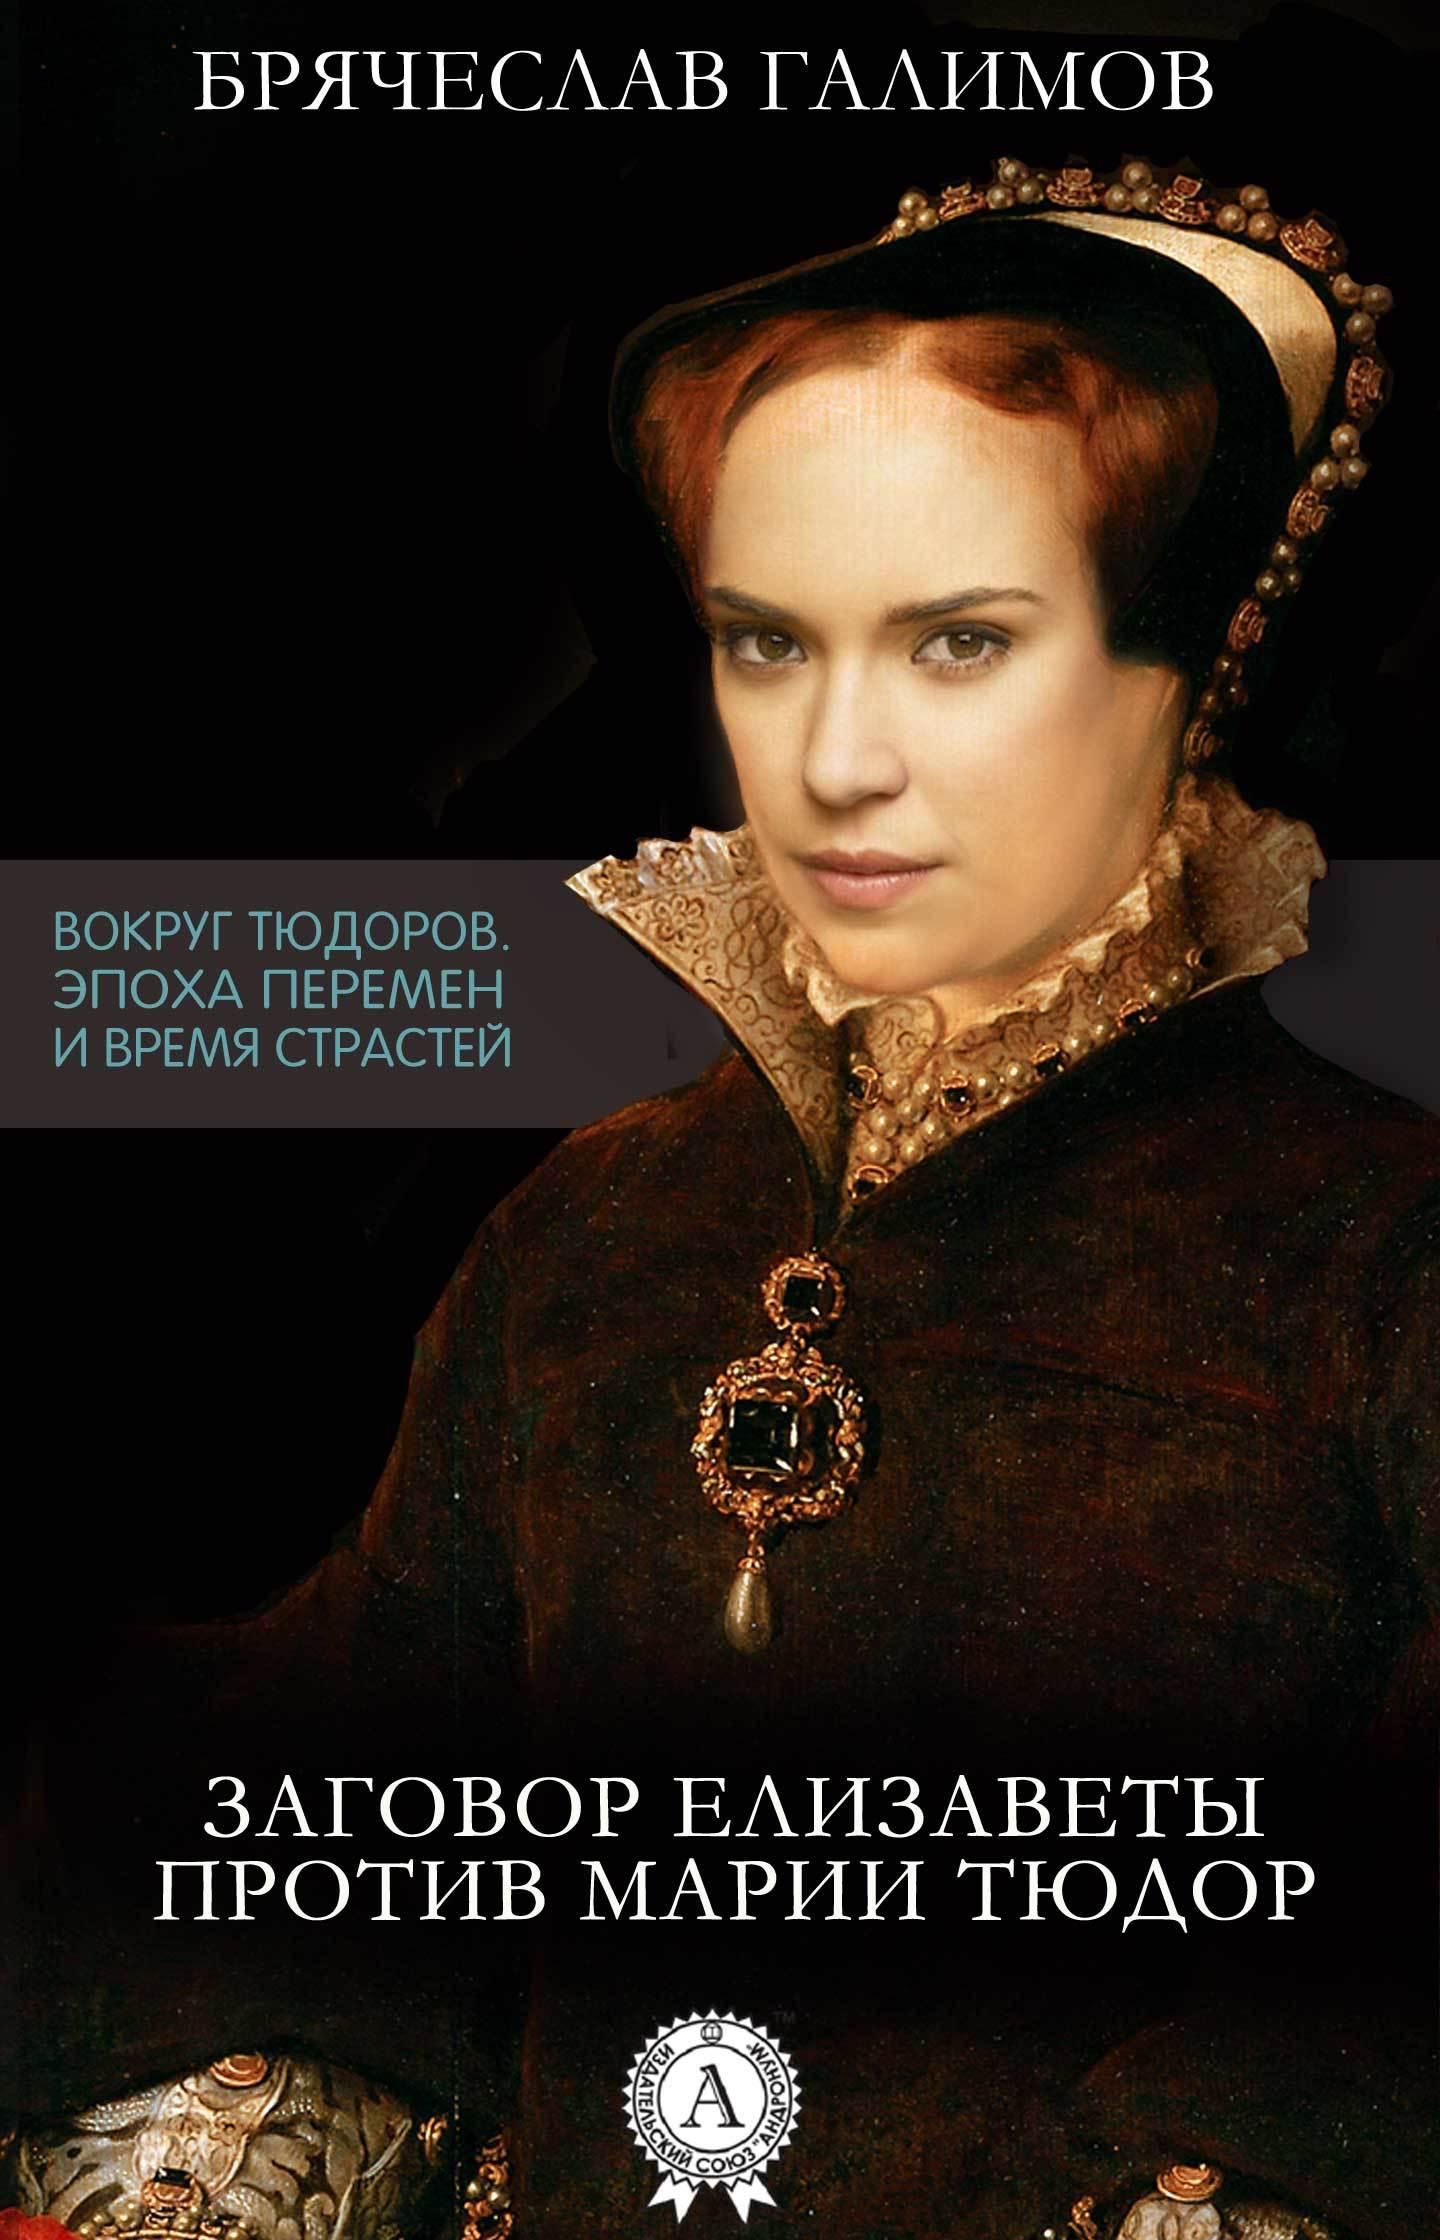 Галимов Брячеслав «Заговор Елизаветы против ее сестры Марии Тюдор»